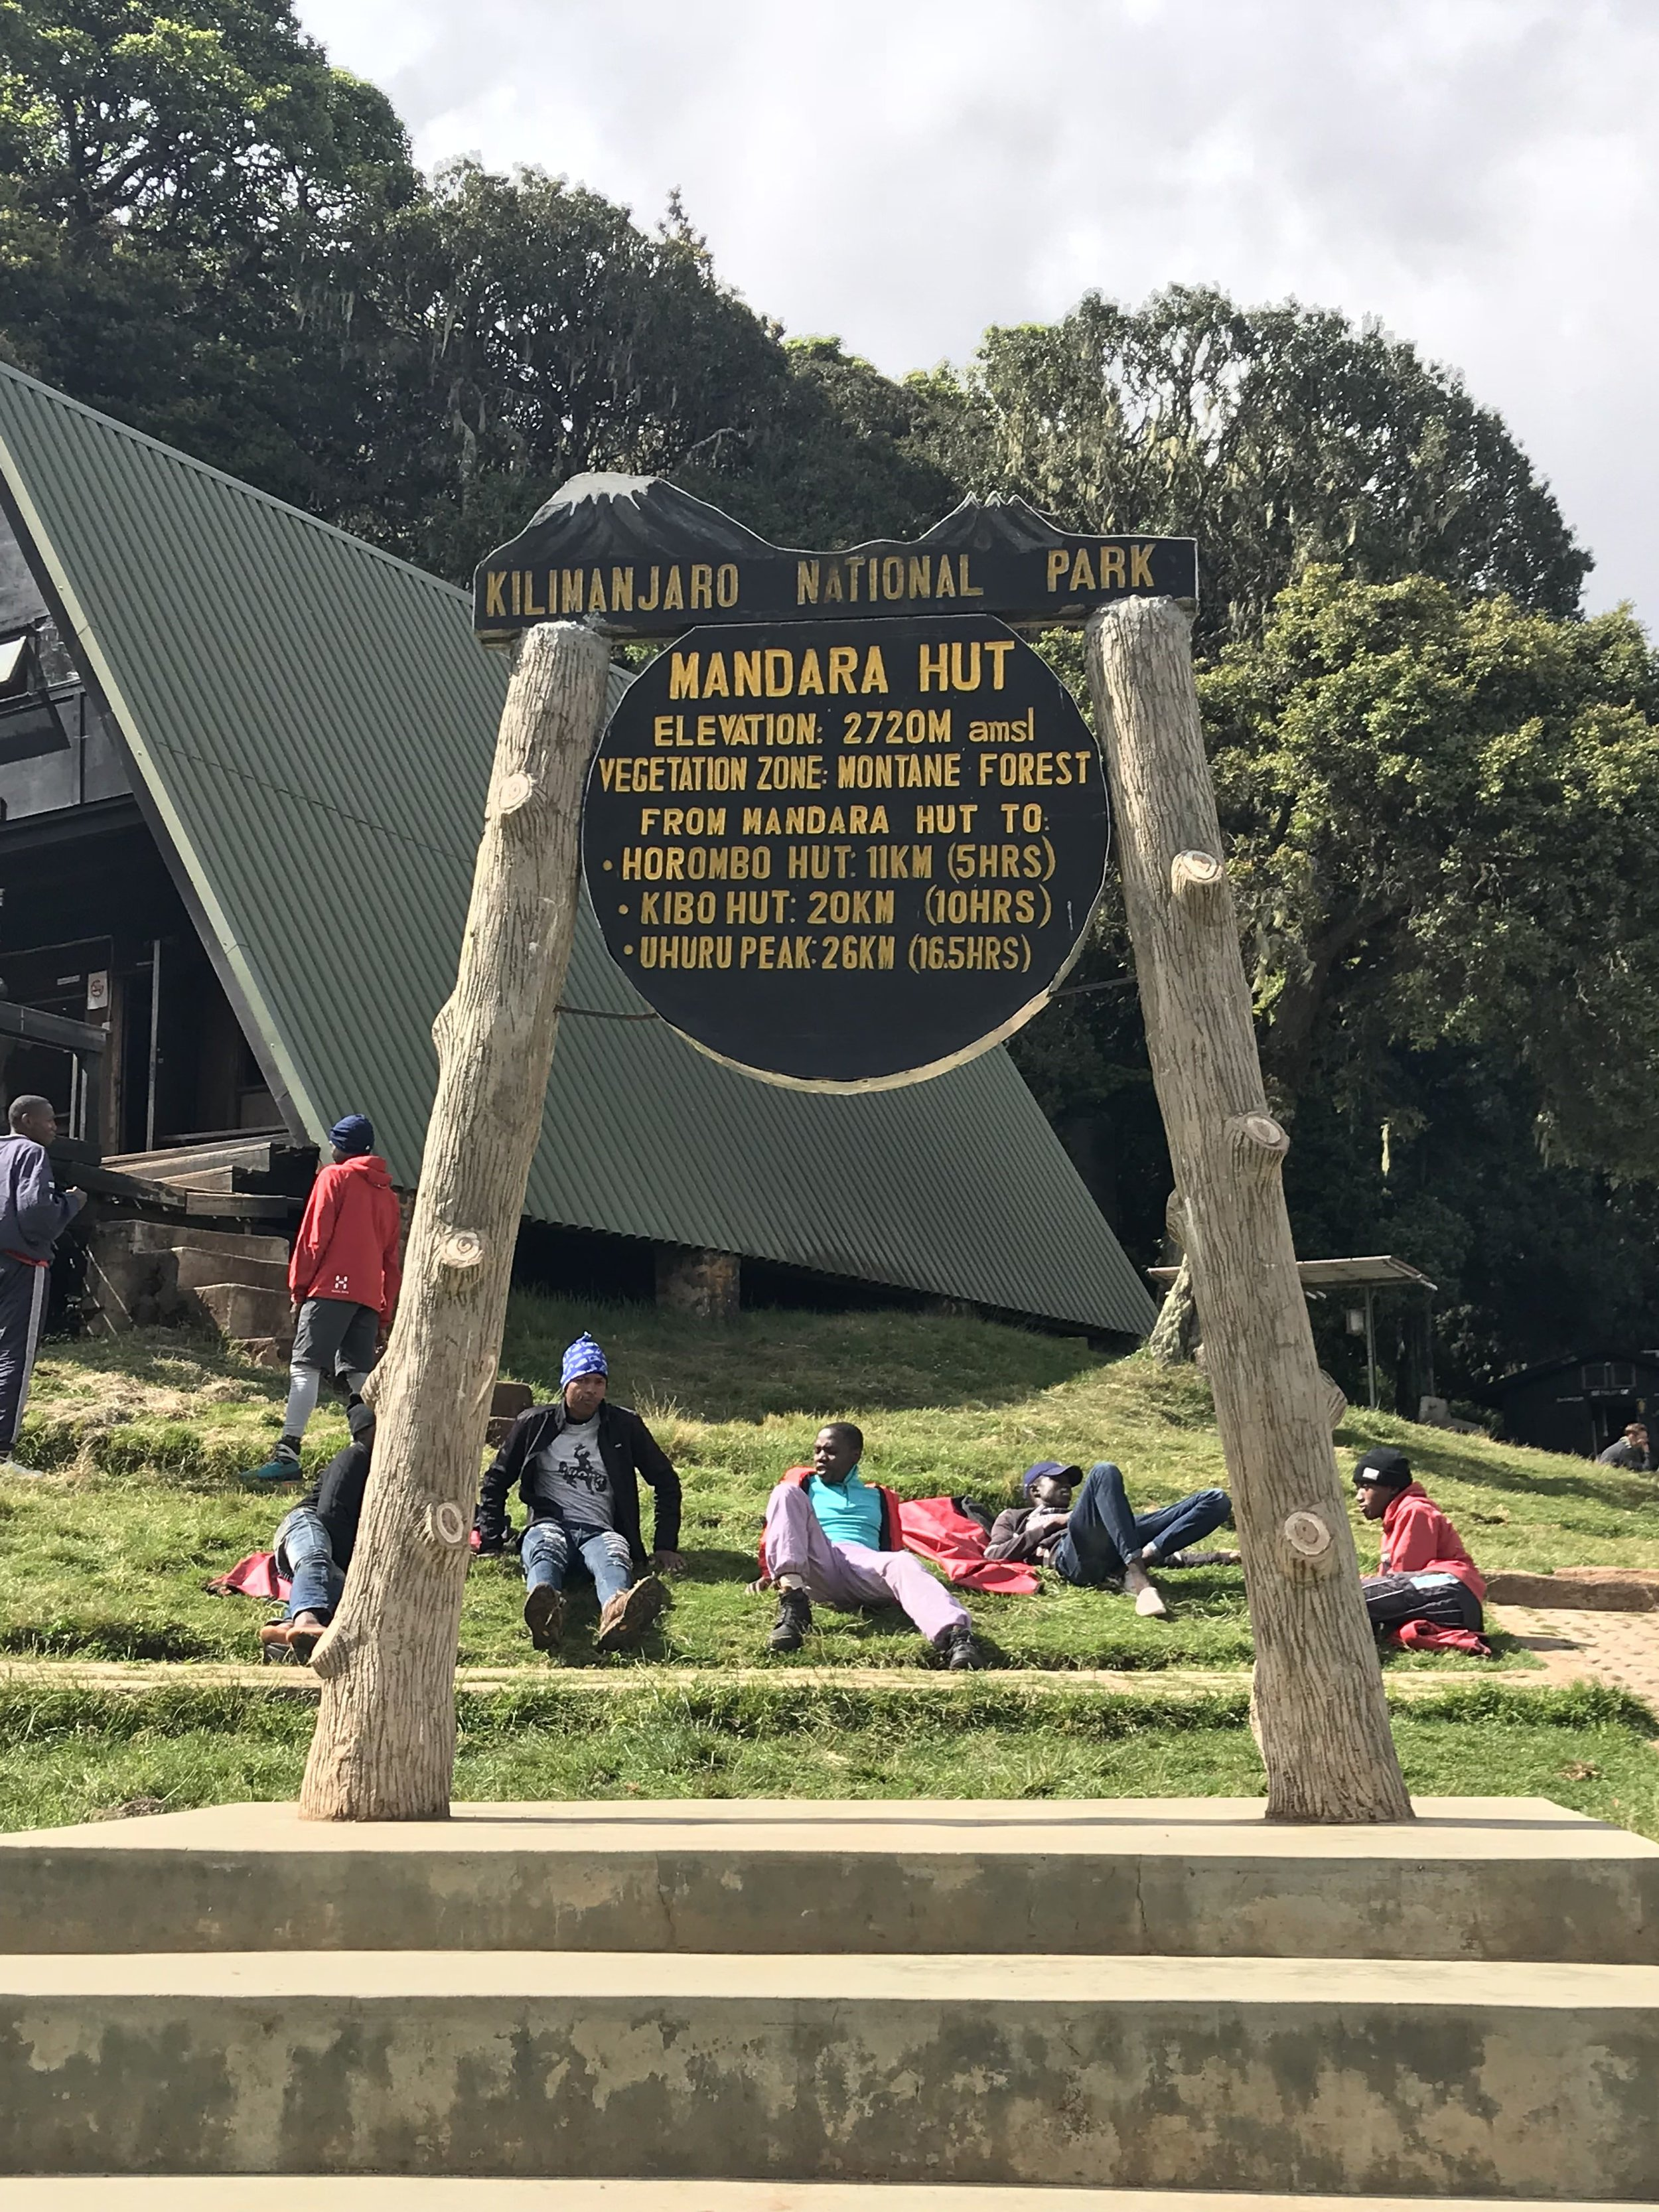 Mandara huts greeting sign, we made it!